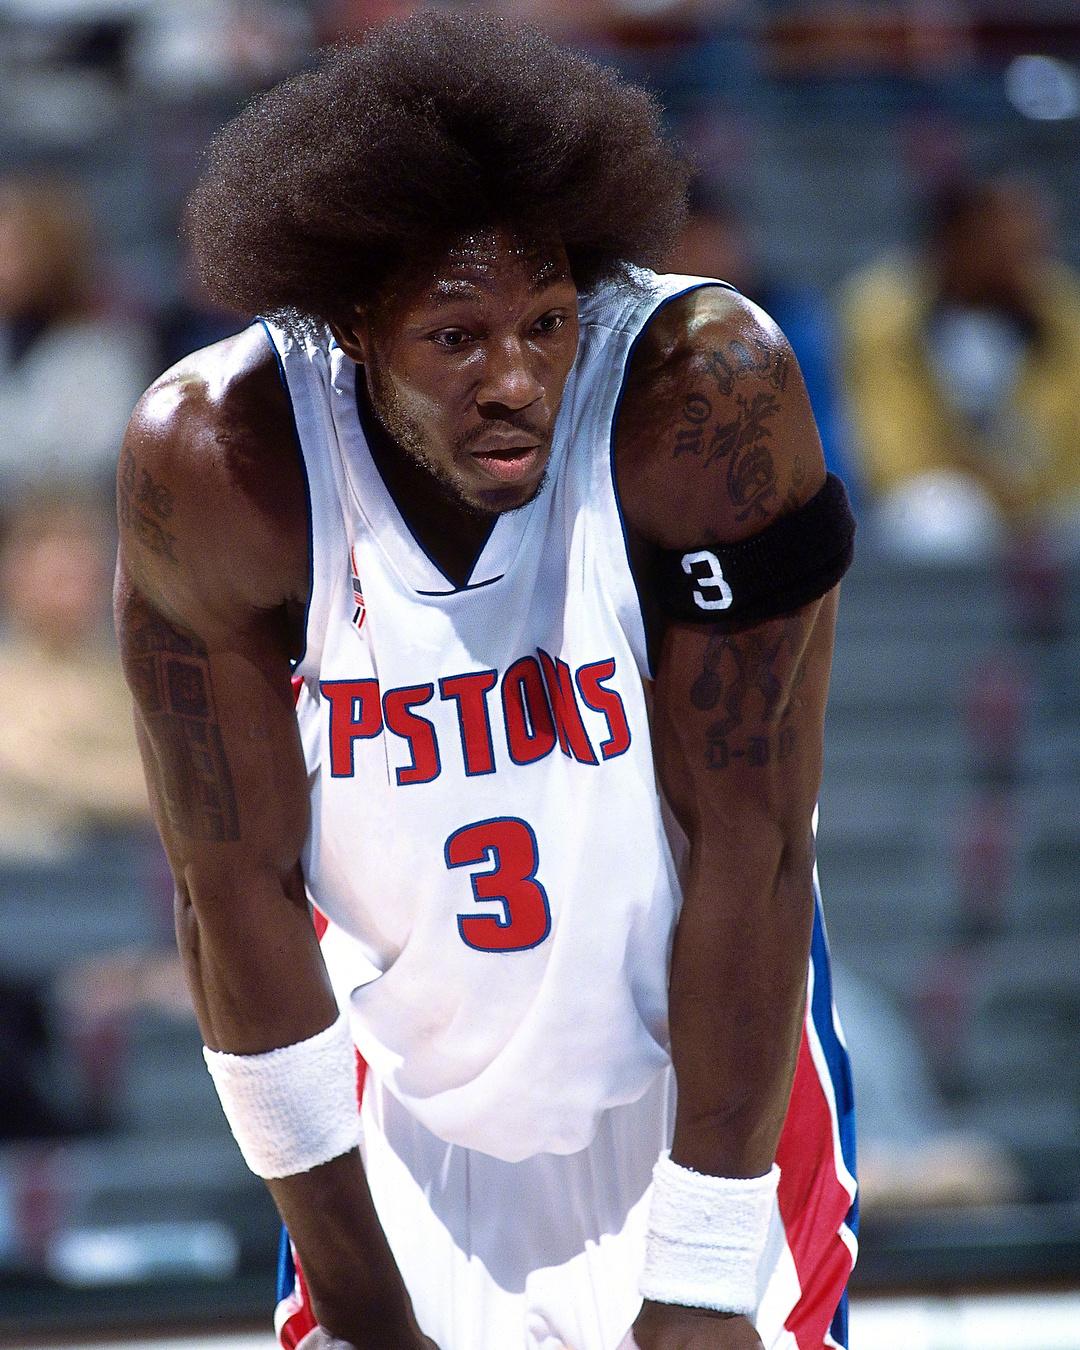 当年身体天赋炸裂的NBA球星,詹姆斯都单打不动的存在啊